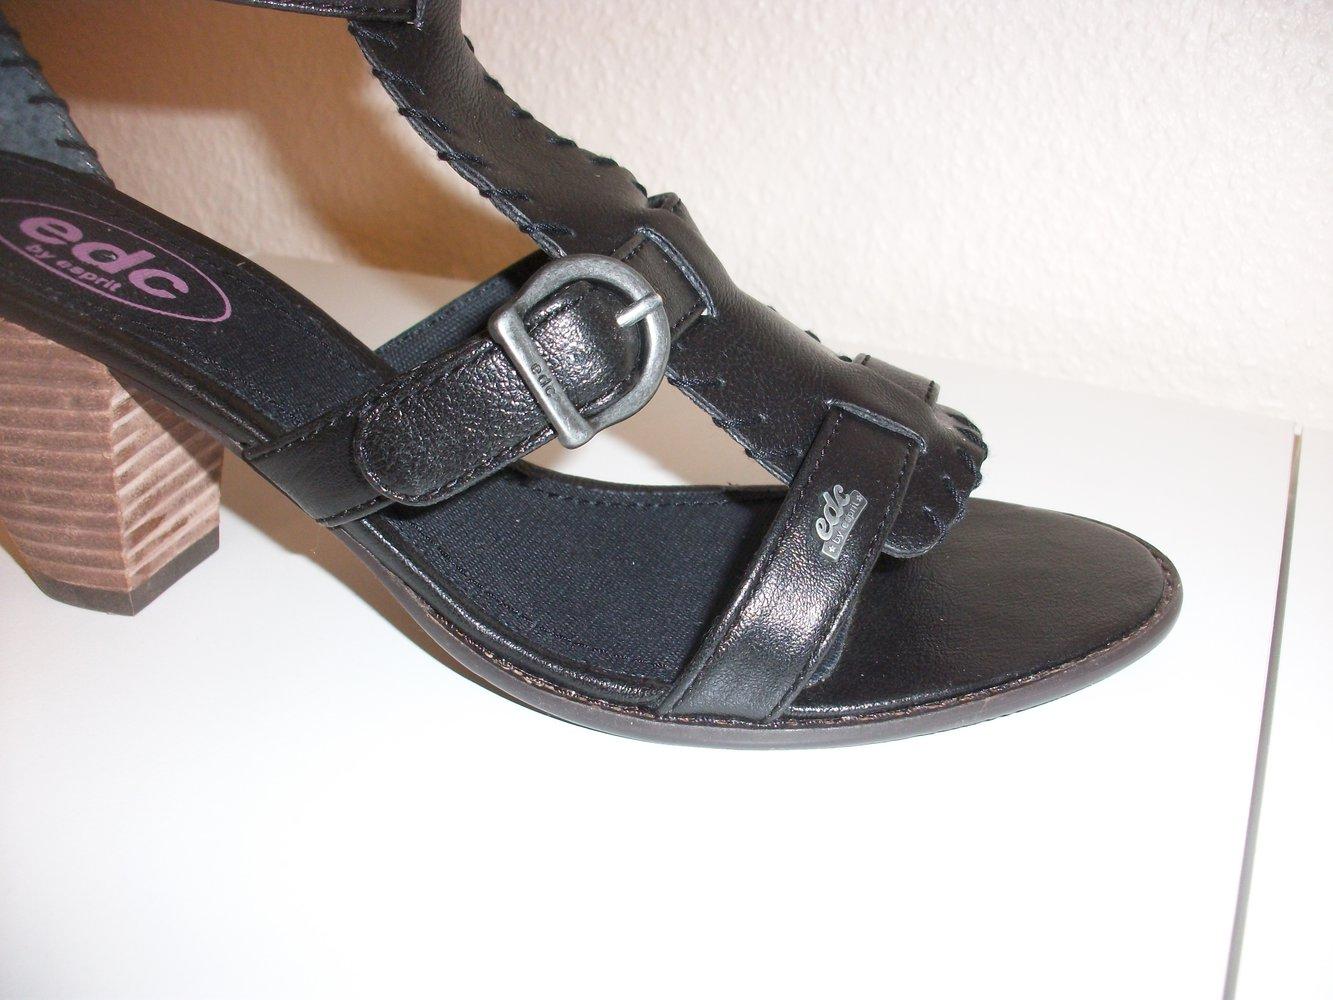 Unbenutzte Esprit Gladiator Pumps Sandalen schwarz Gr. 38, wie neu! #Esprit #Sandaletten